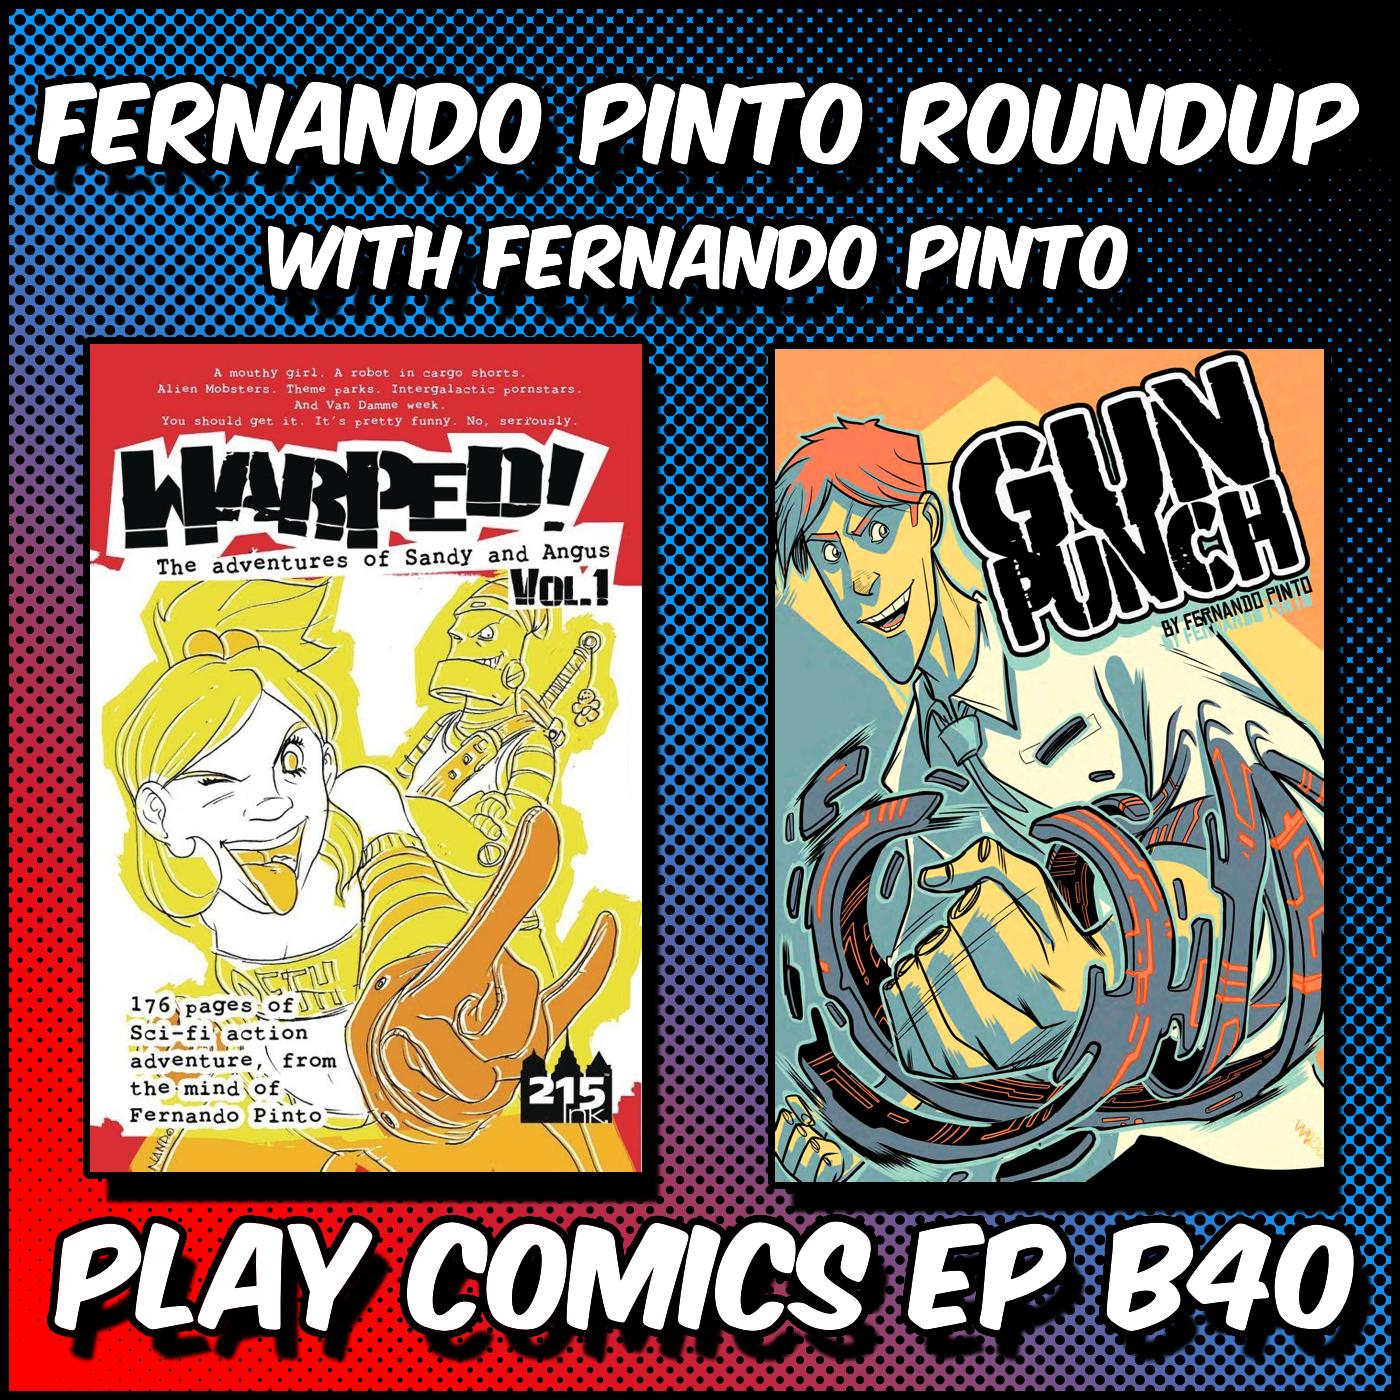 Fernando Pinto Roundup